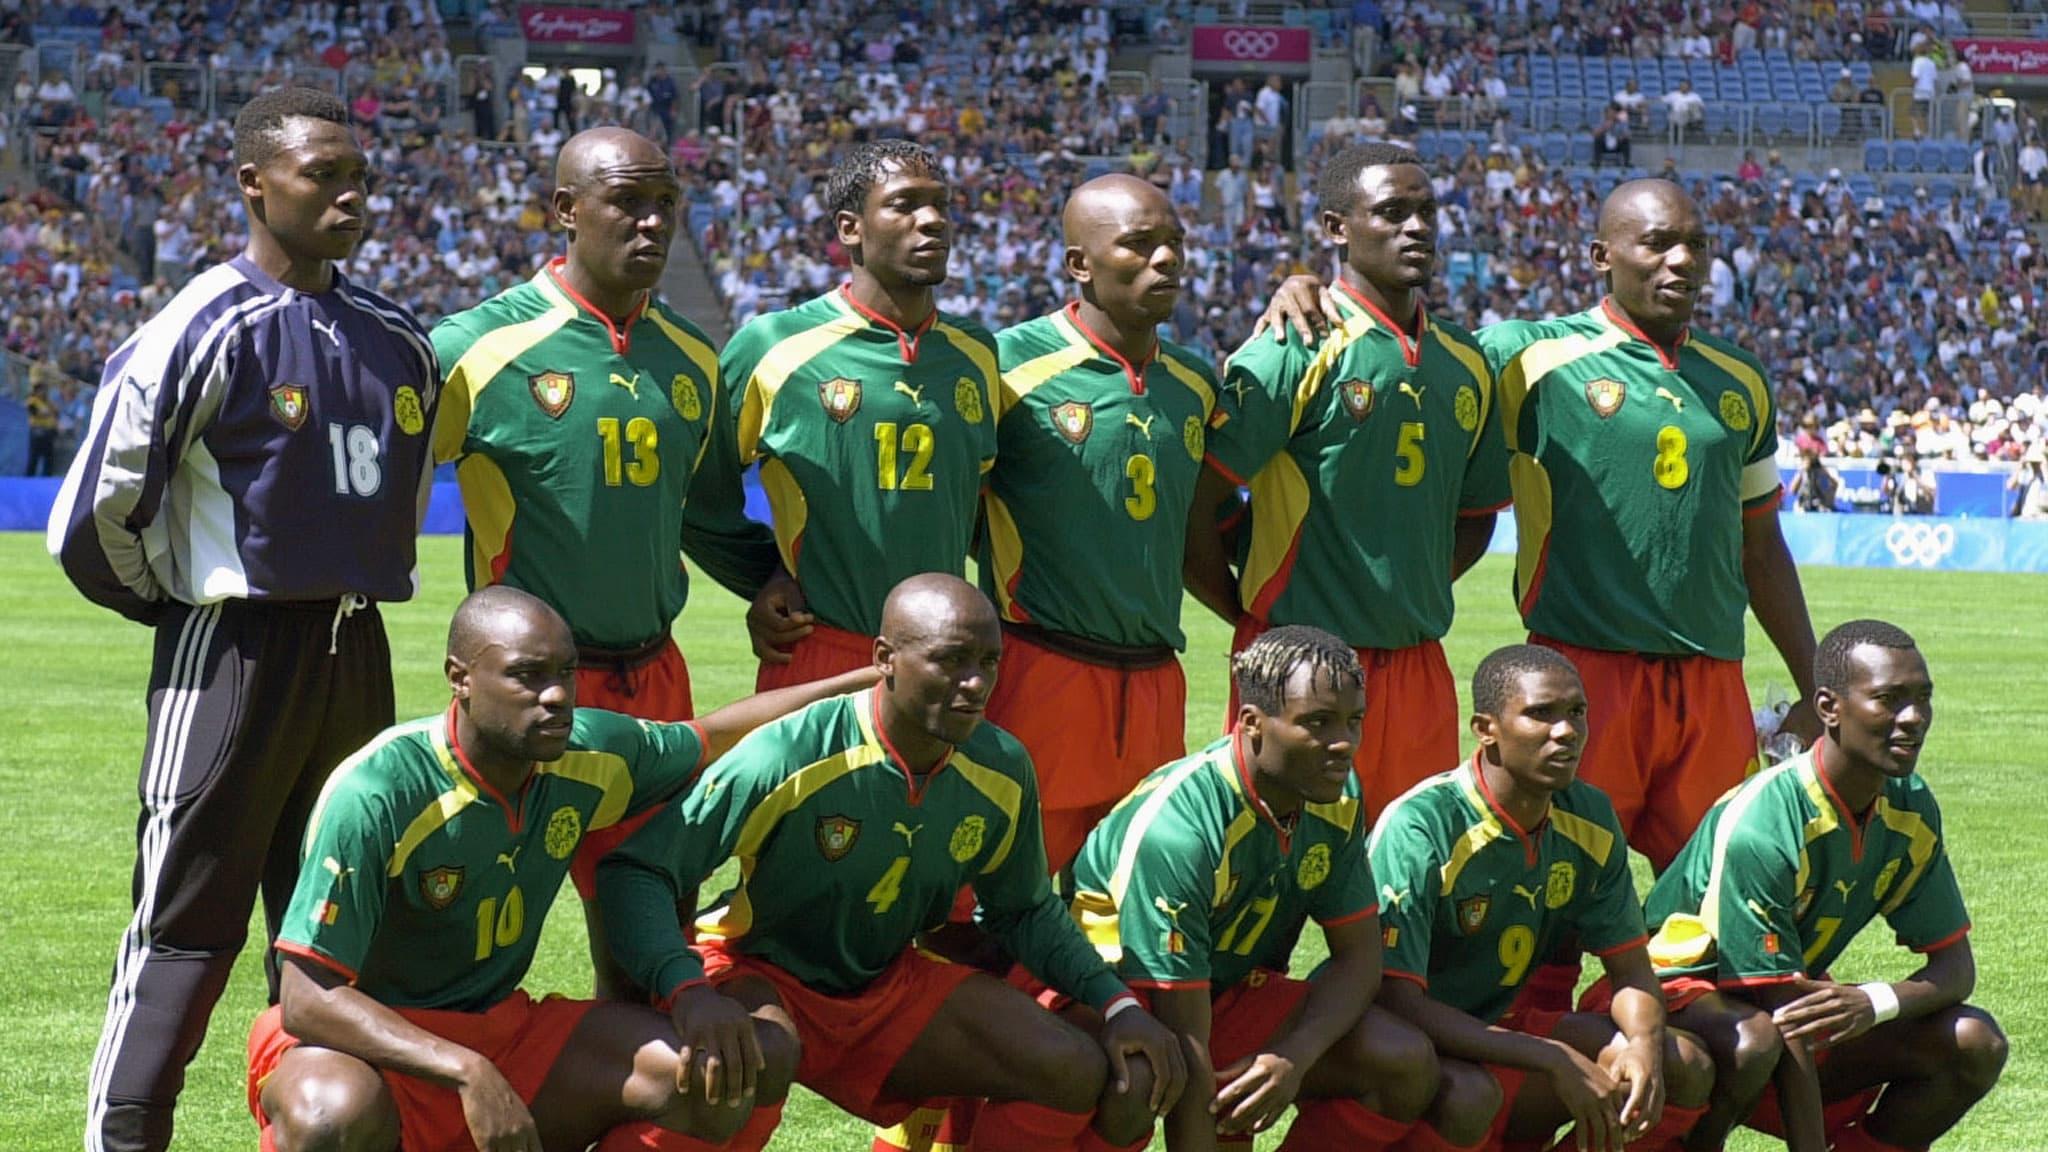 L'équipe du Cameroun médaillé d'or aux Jeux olympiques Sydney 2000.